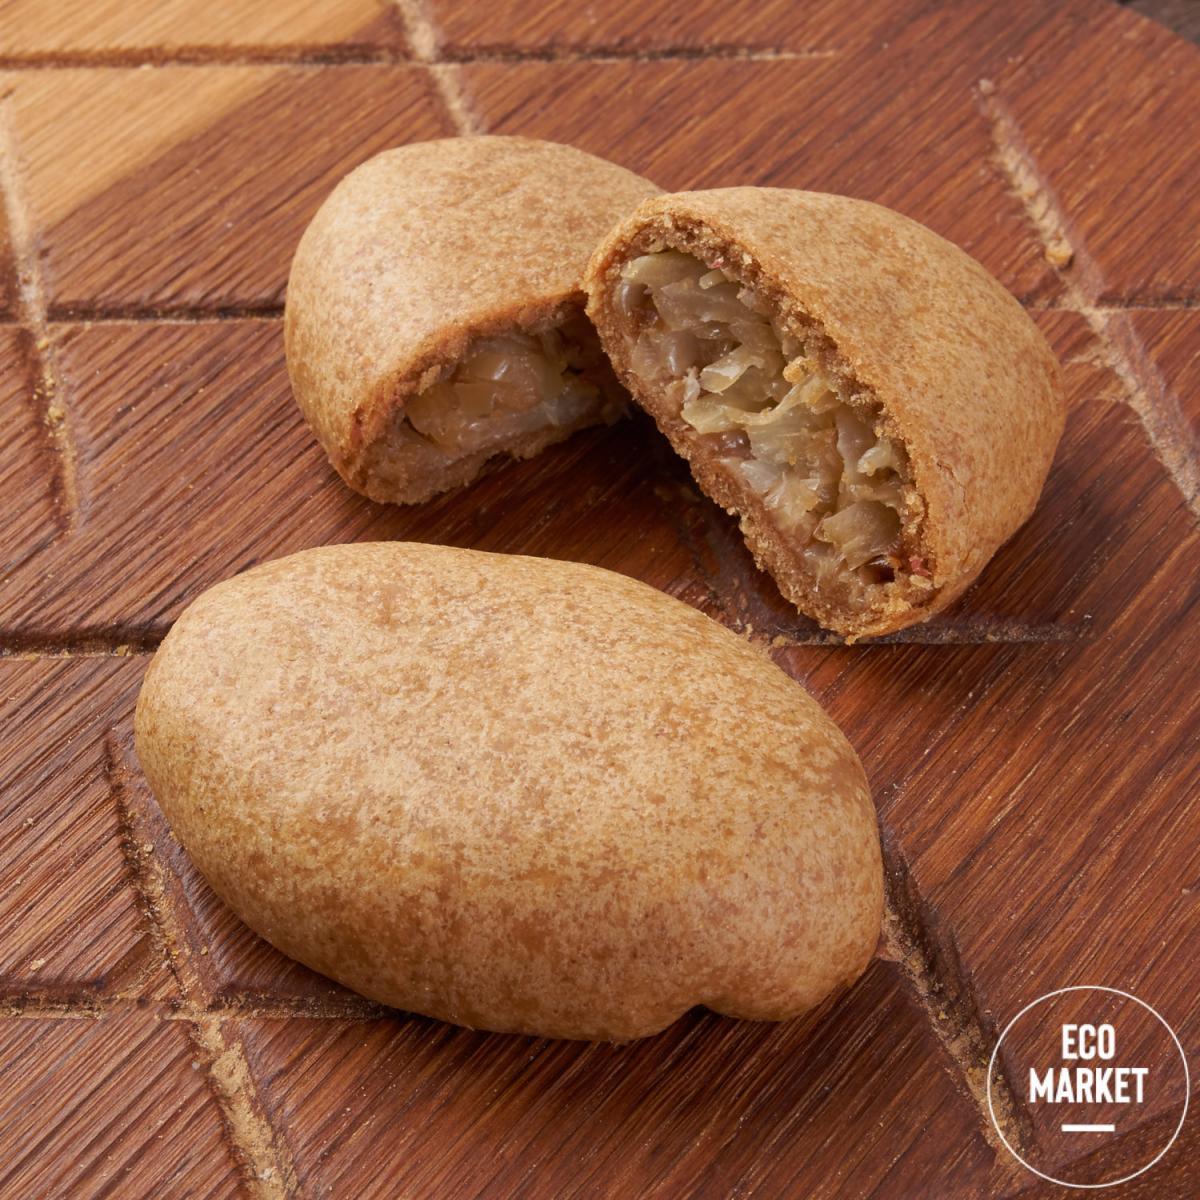 Пирожок ржаной с капустой 2 шт Ecomarket.ru - 140 г